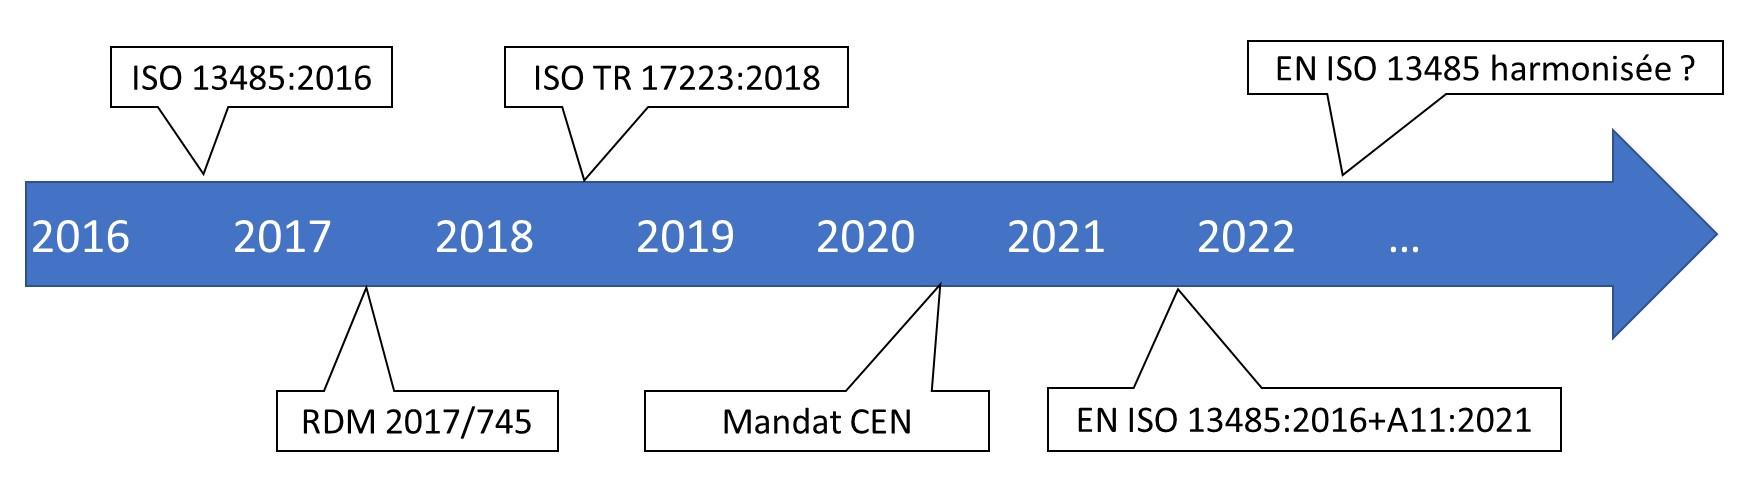 calendrier de publication de la norme EN ISO 13485